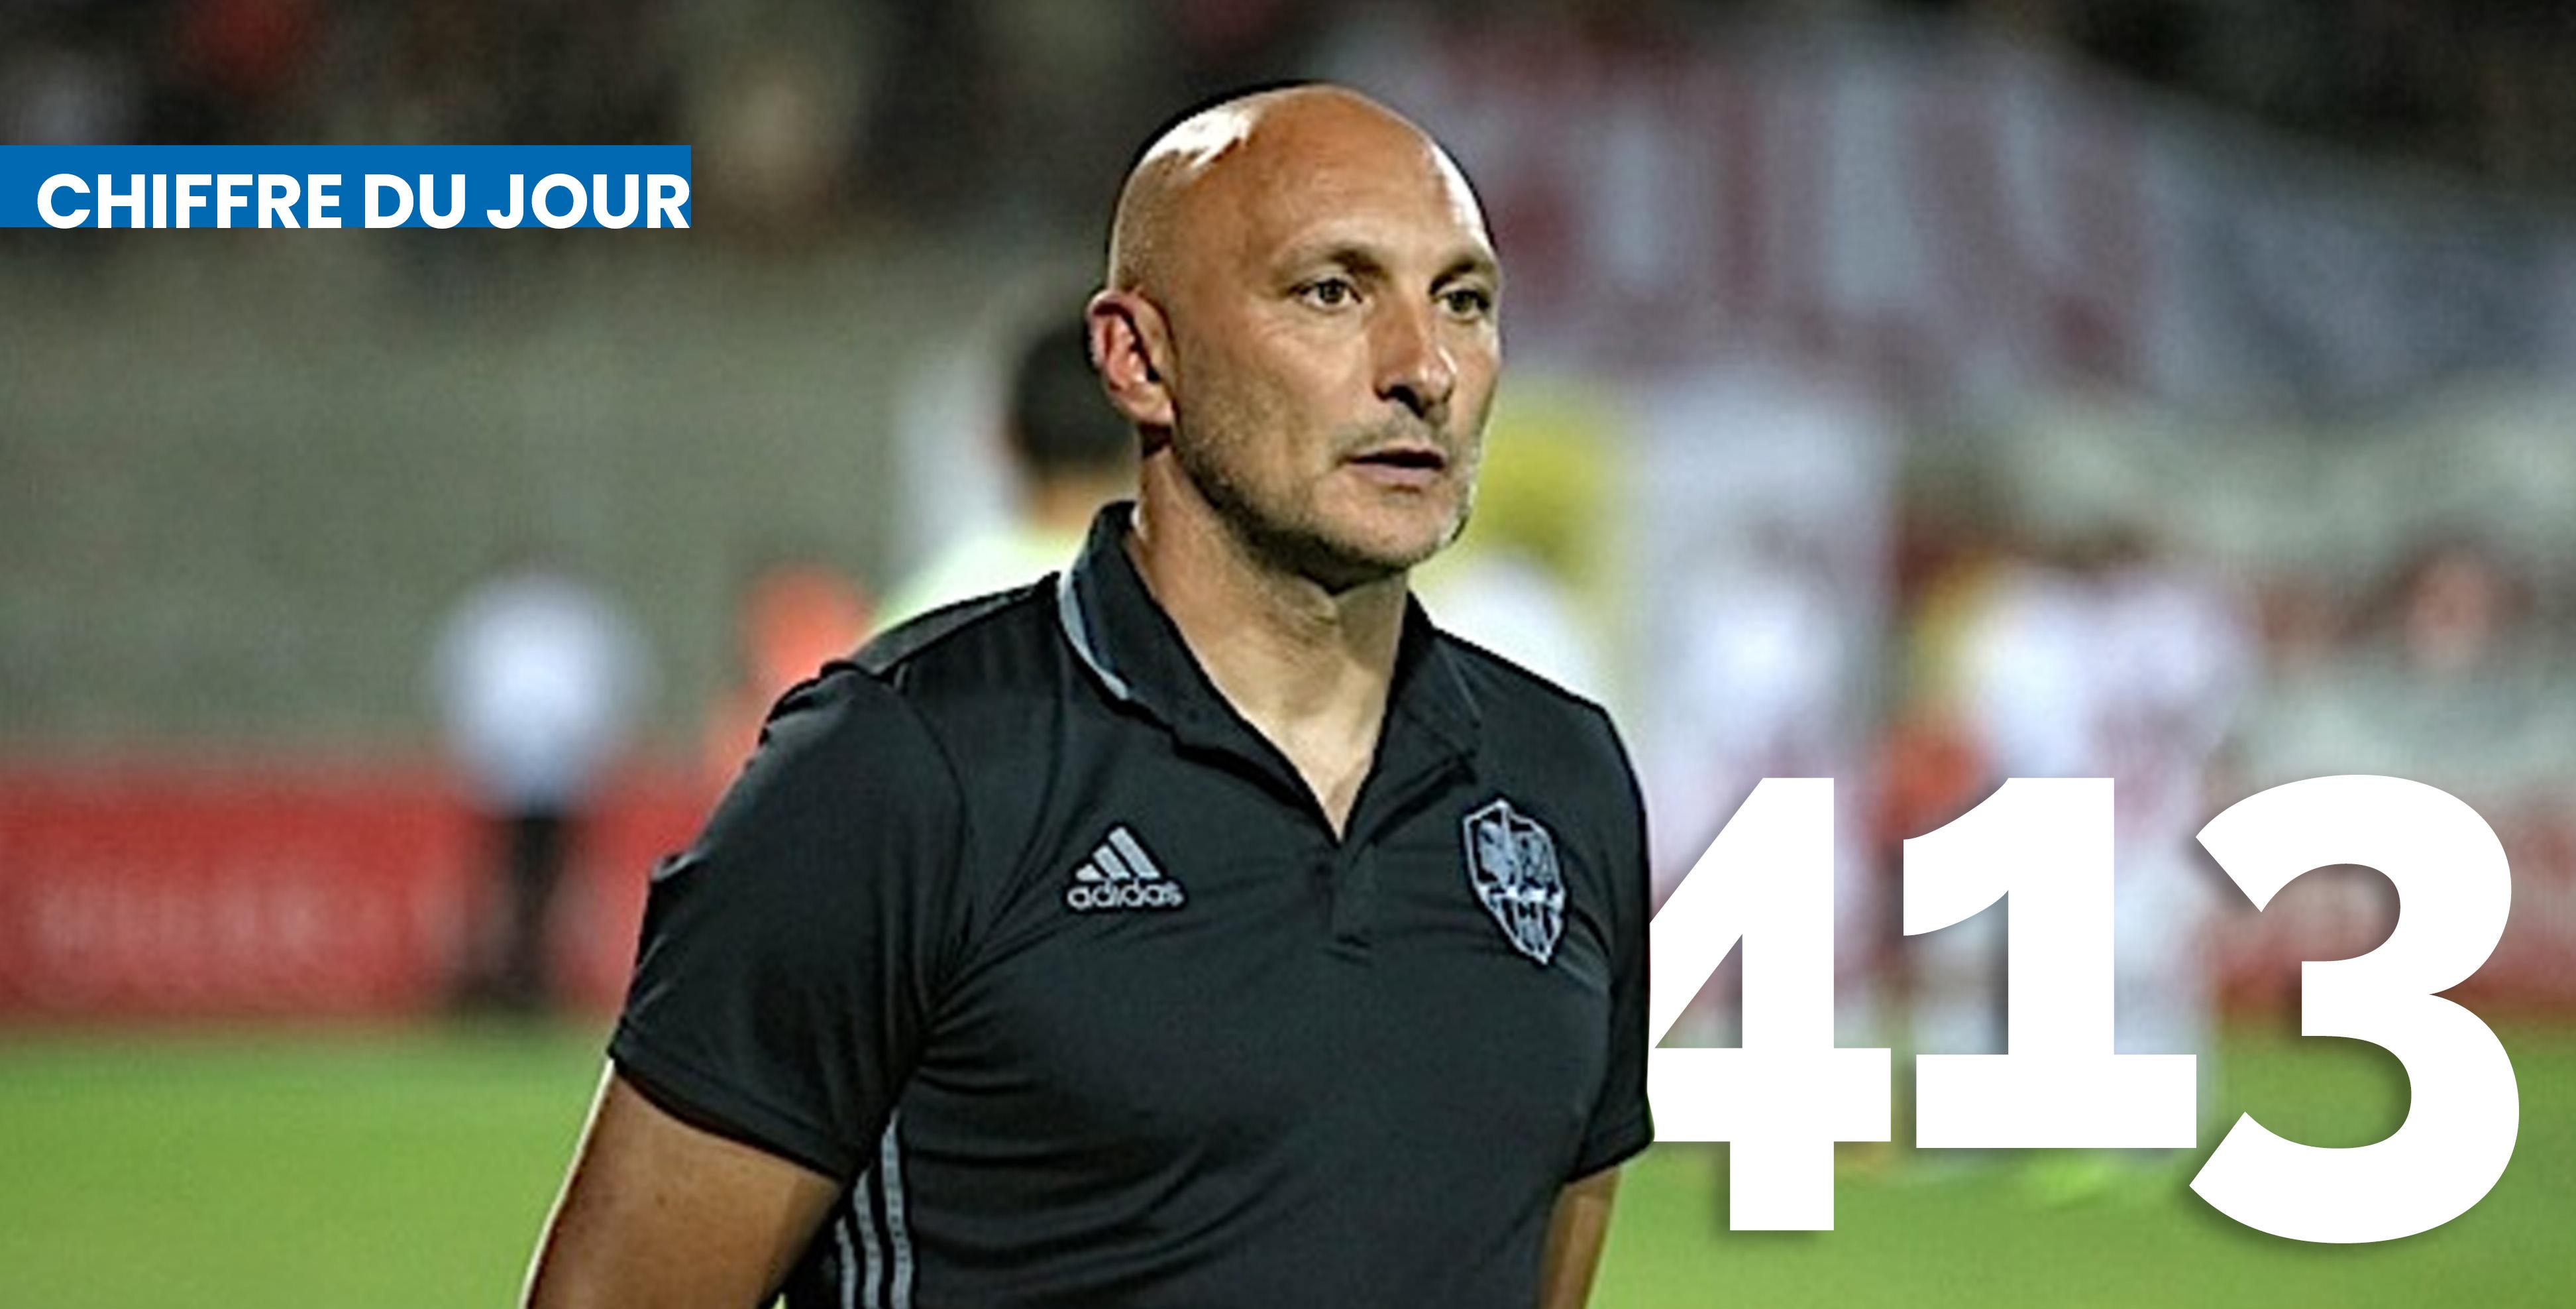 413 comme le nombre de matchs à la tête de l'ACA pour le coach Olivier Pantaloni